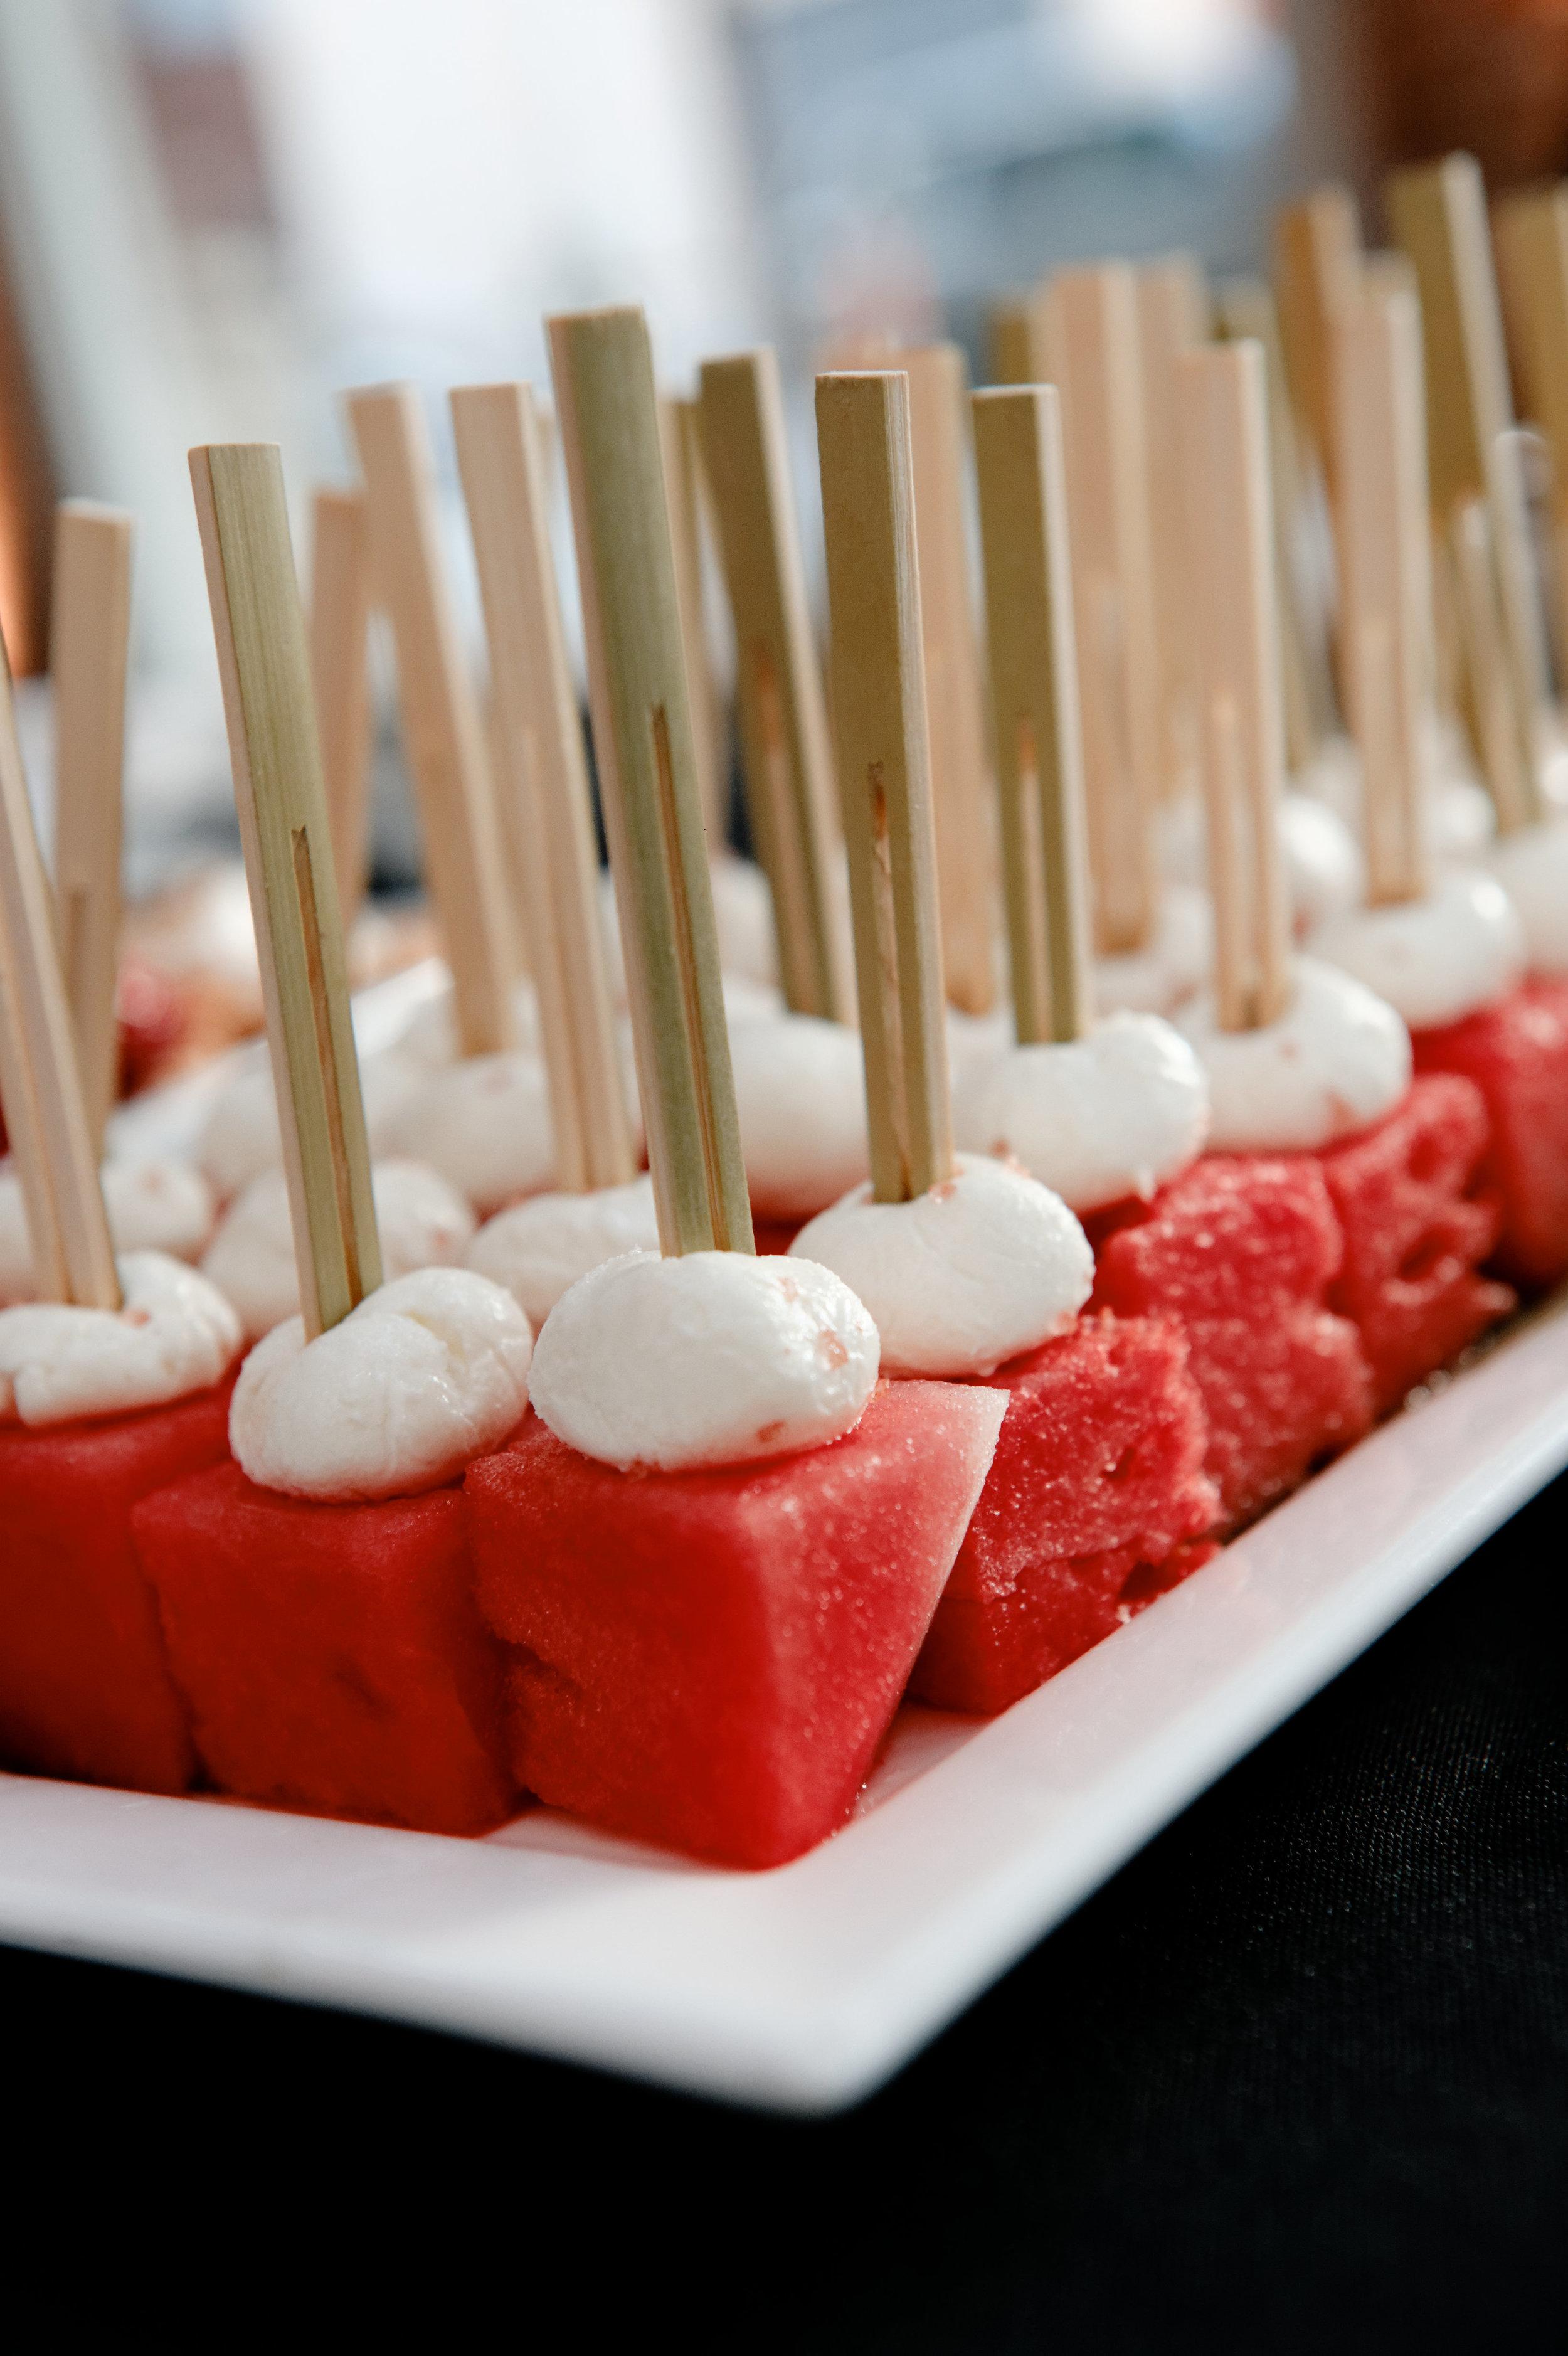 watermelon skewer 2.jpg